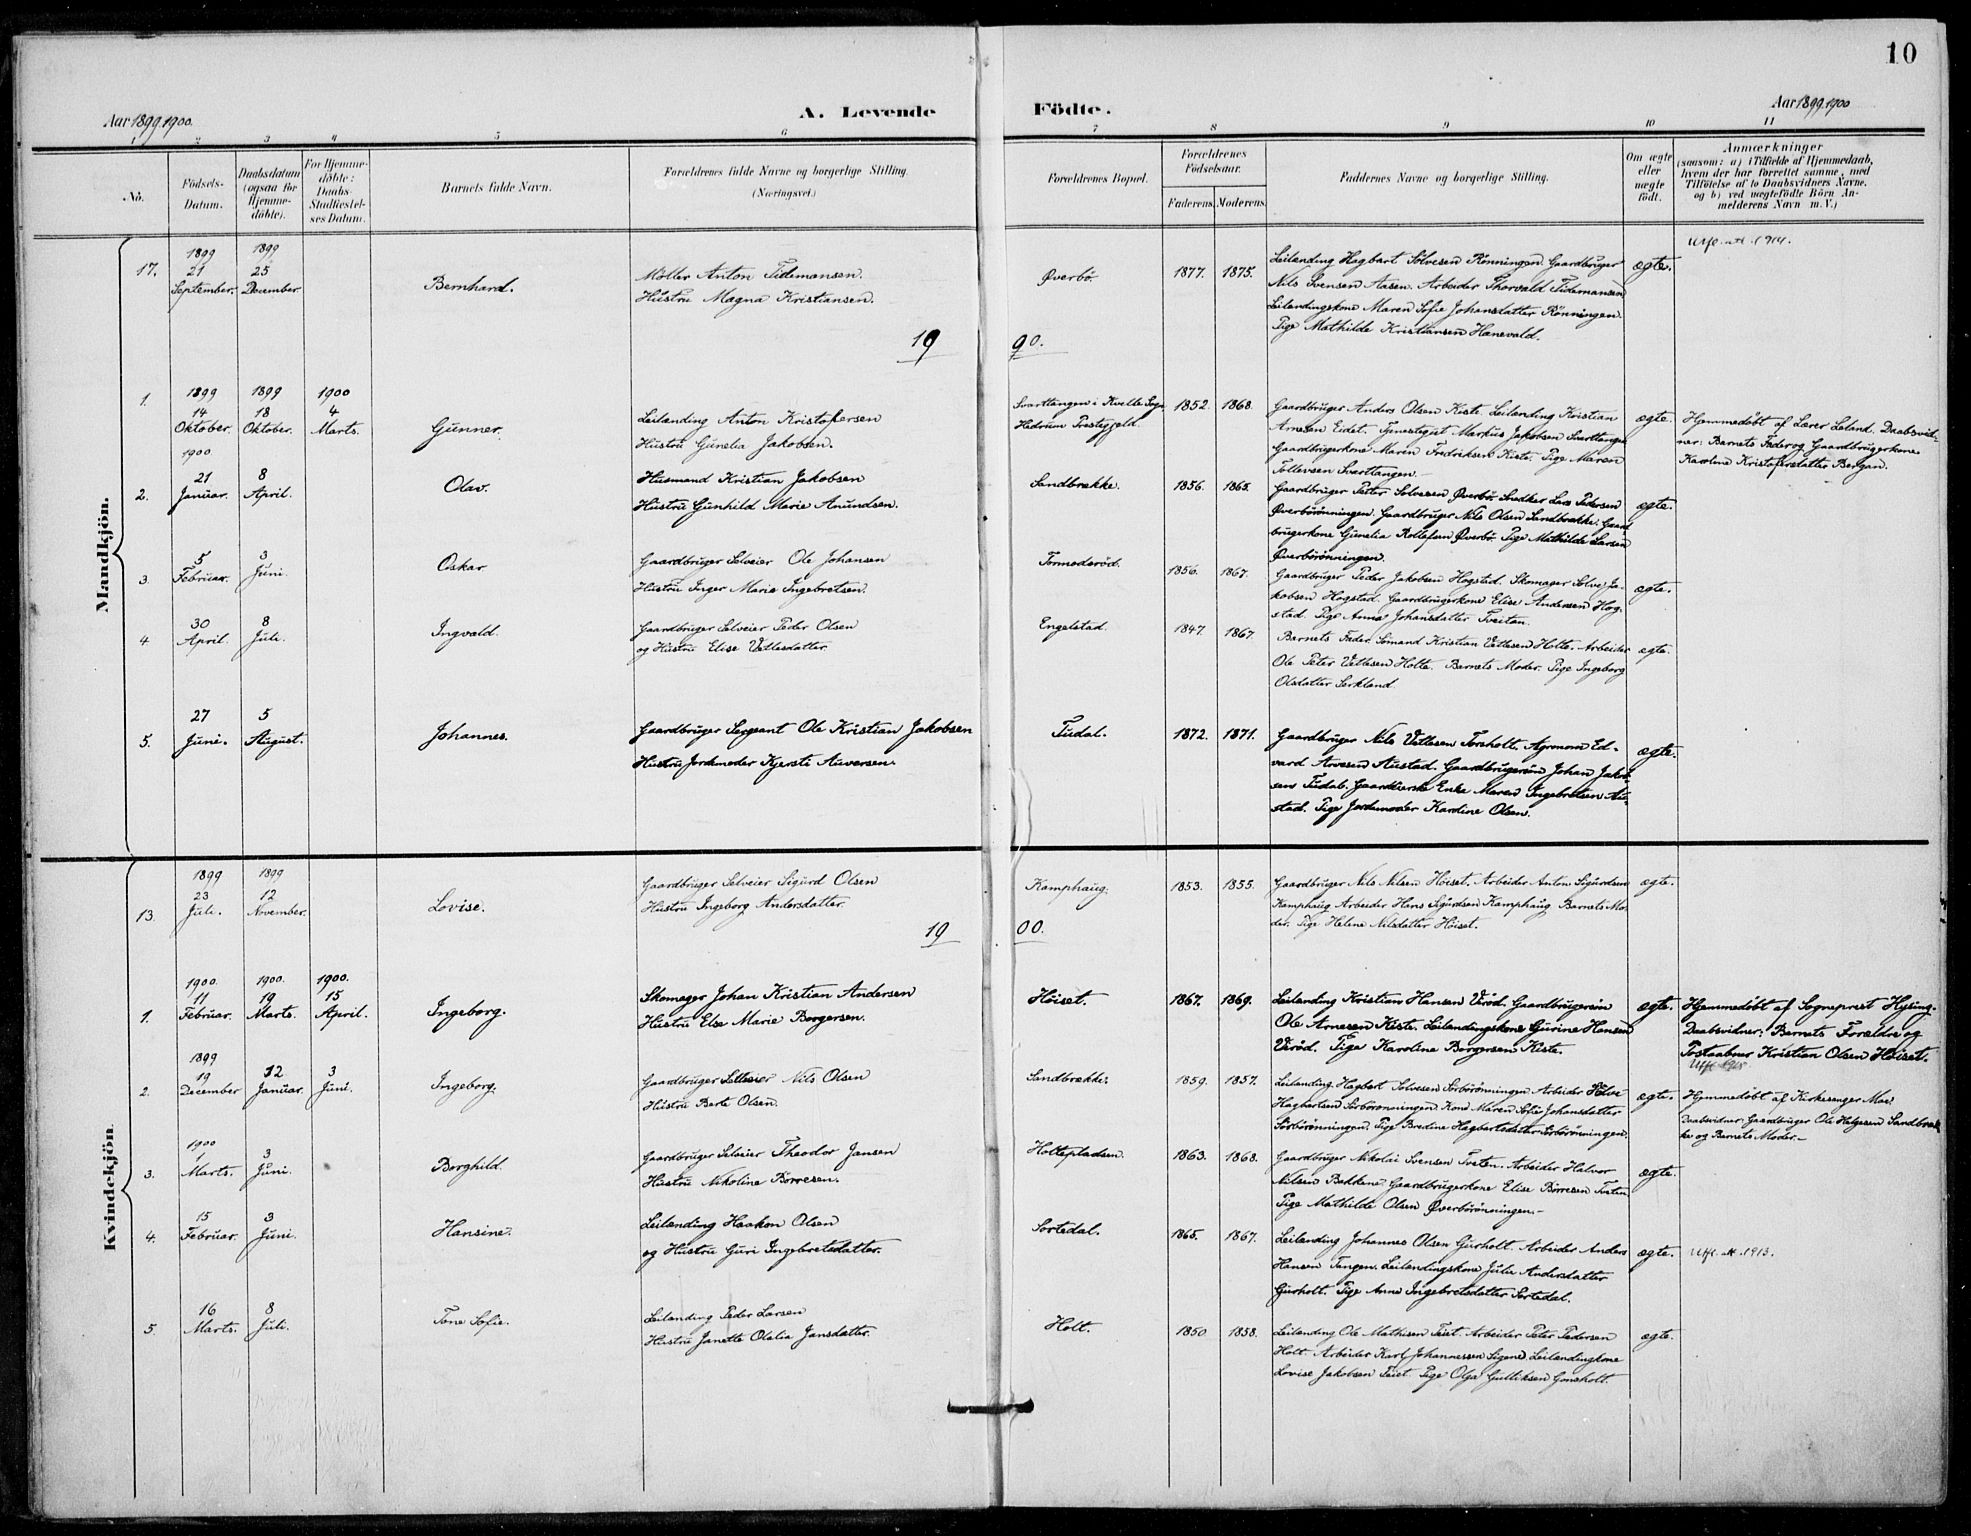 SAKO, Siljan kirkebøker, F/Fa/L0003: Ministerialbok nr. 3, 1896-1910, s. 10